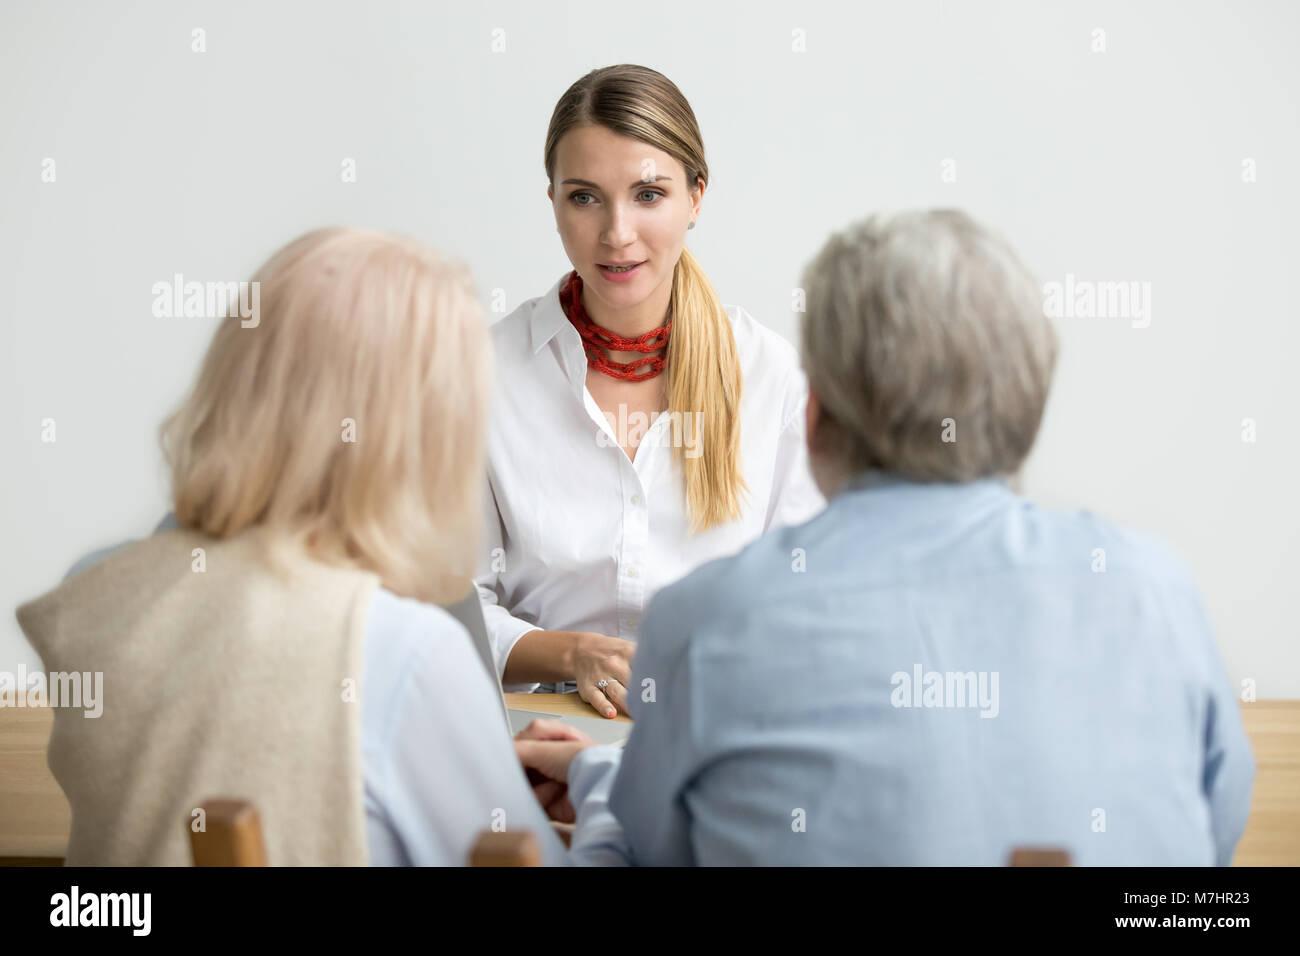 Femmina consulente finanziario parlando consulting senior di età matura un Immagini Stock